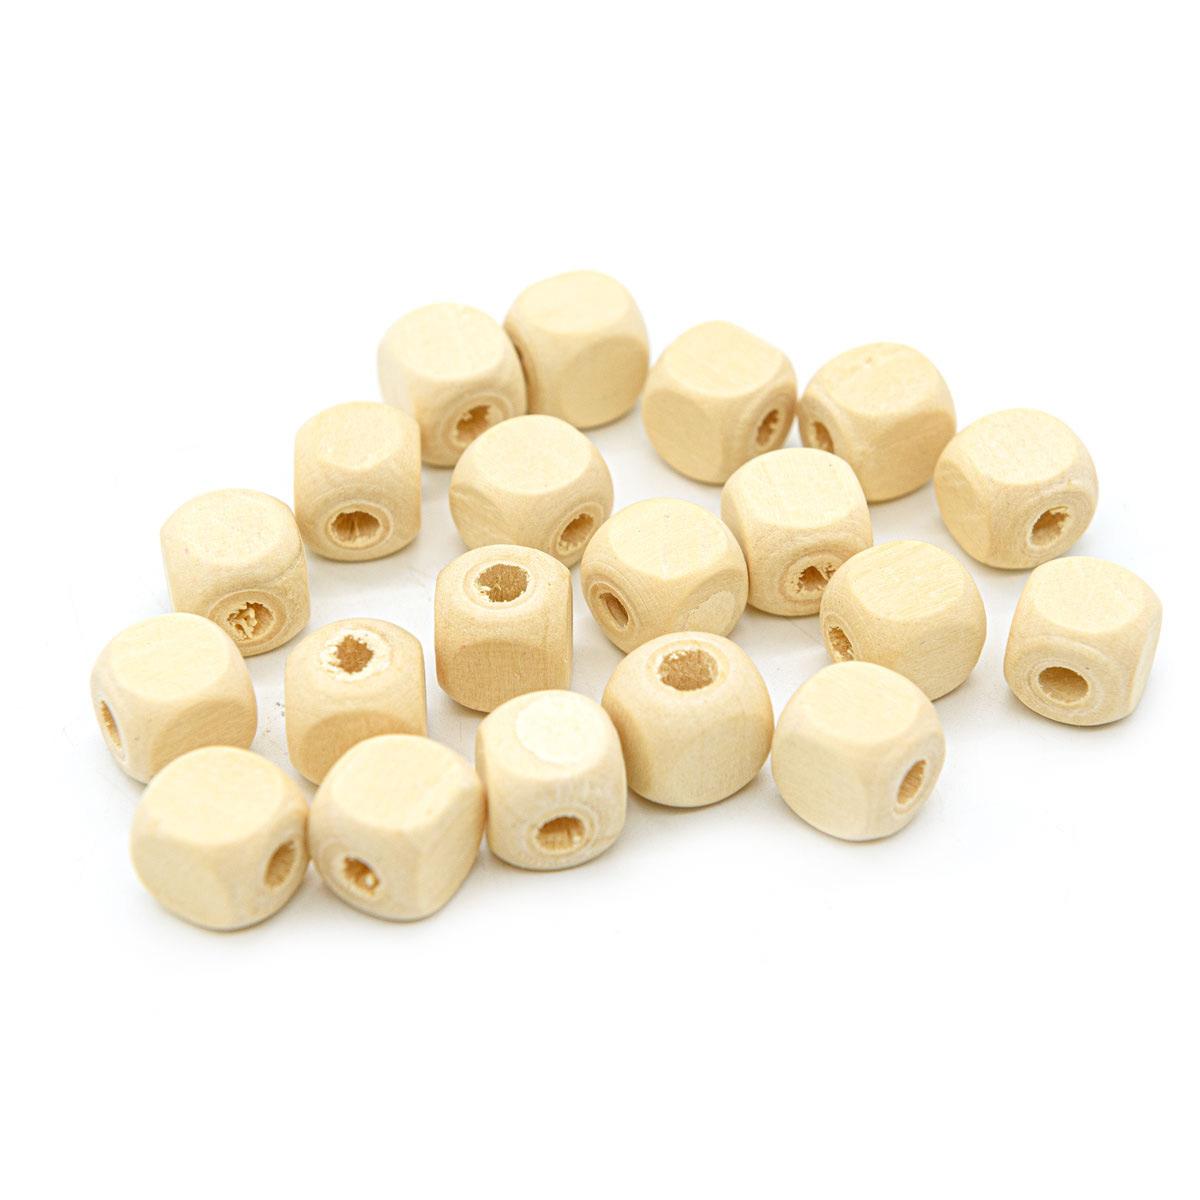 Бусины деревянные неокрашенные кубик 12*12 мм, 20шт